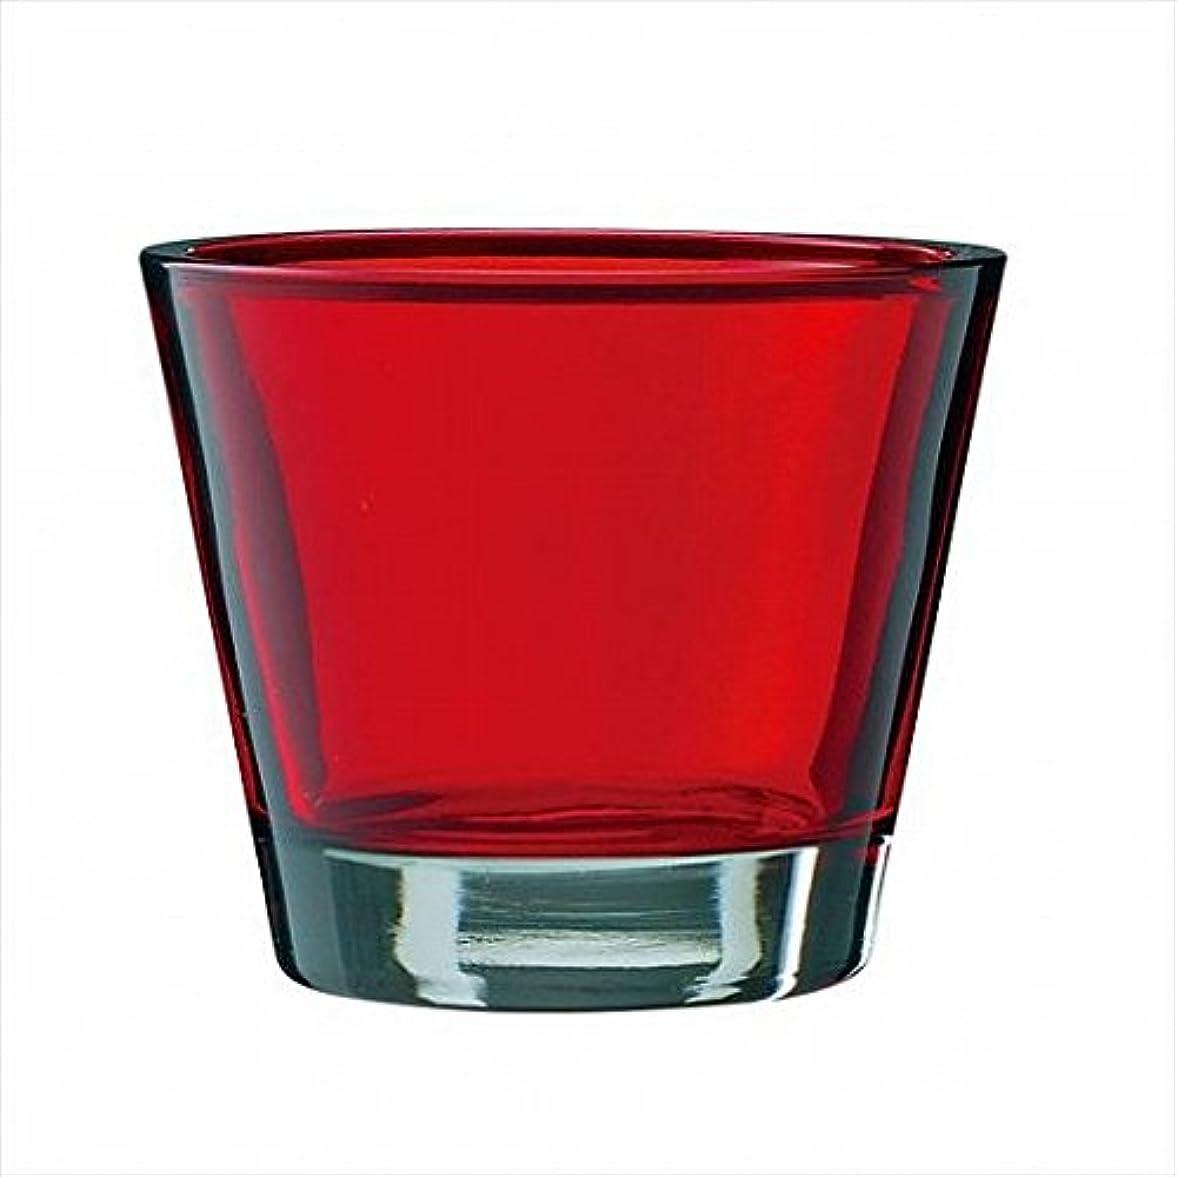 一貫性のない役に立つ雄弁家kameyama candle(カメヤマキャンドル) カラリス 「 レッド 」(J2540000R)